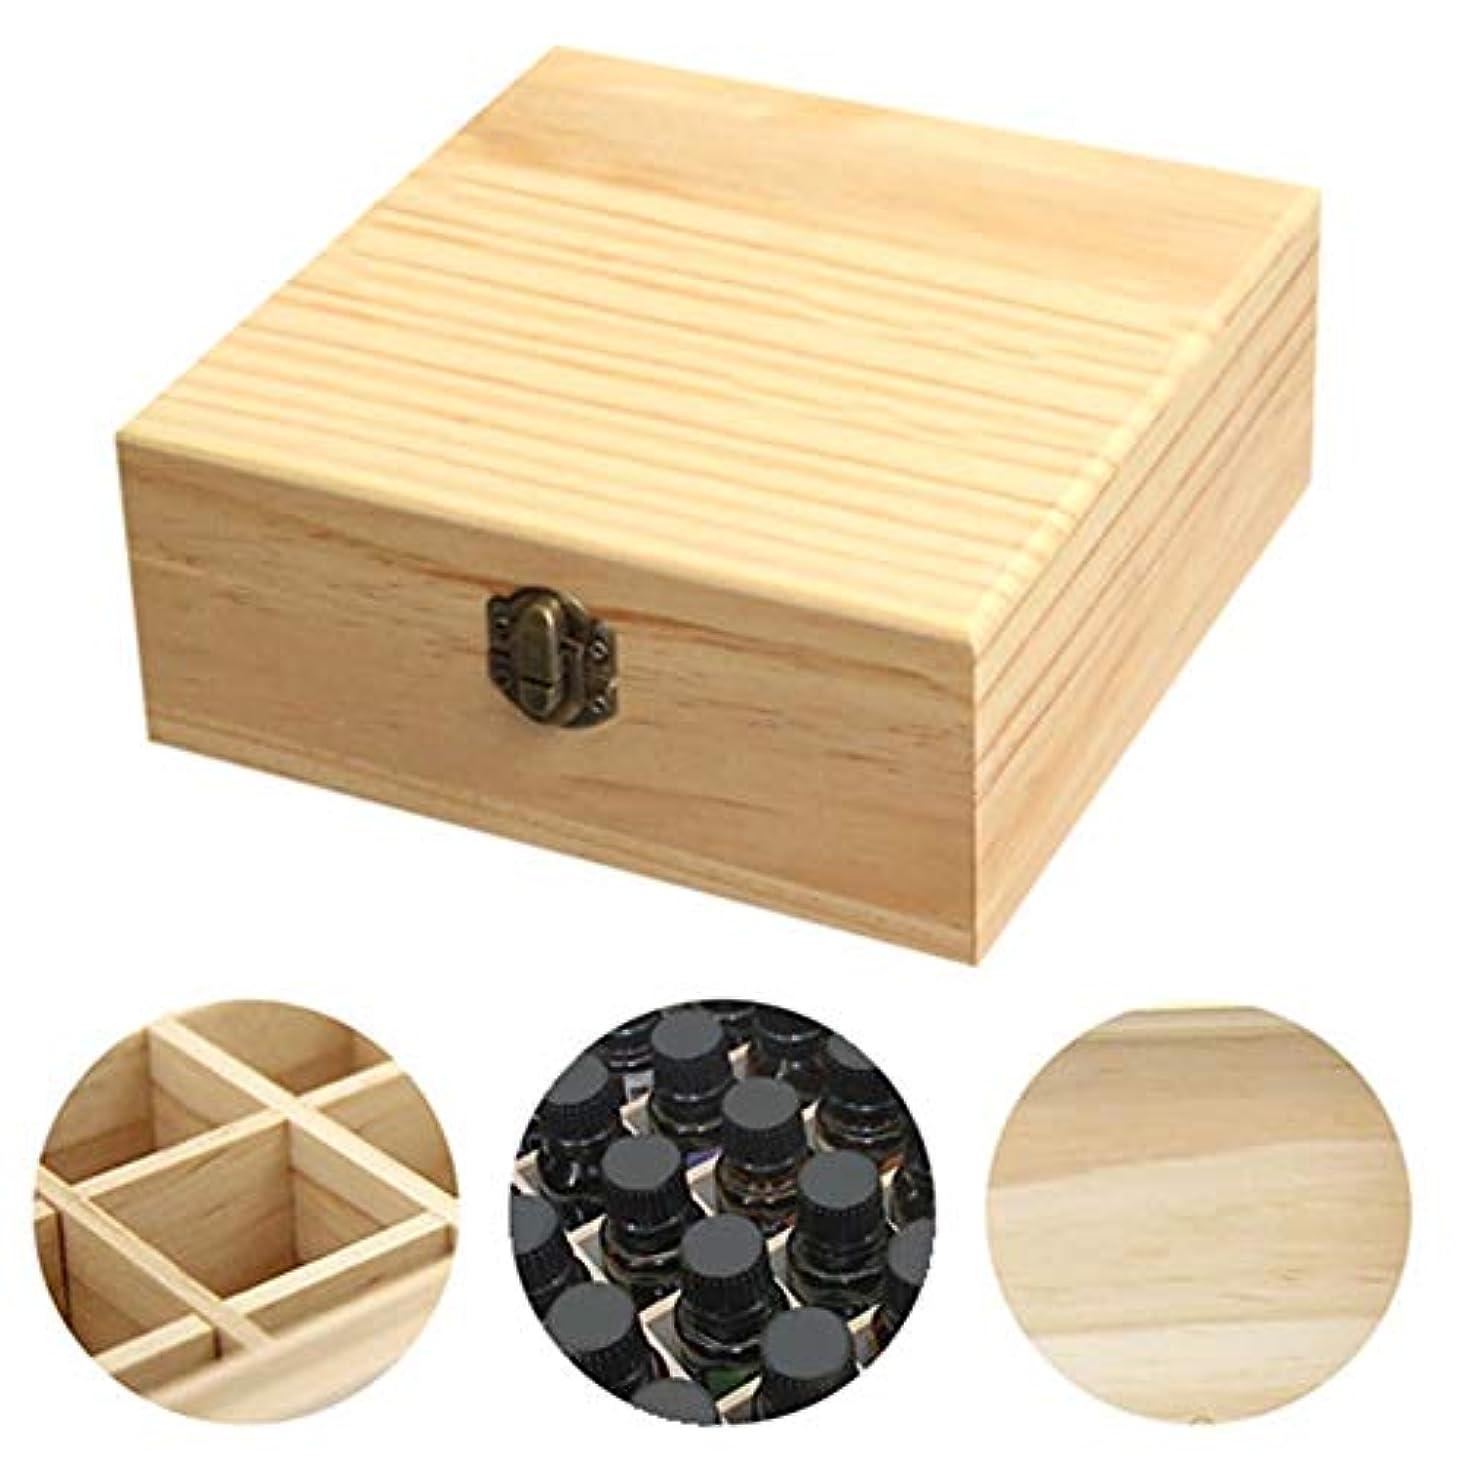 ネックレスリアルずるいclouday エッセンシャルオイル収納ボックス 自然木製 エッセンシャルオイルオイル 収納 ボックス 香水収納ケース アロマオイル収納ボックス 25本用 approving